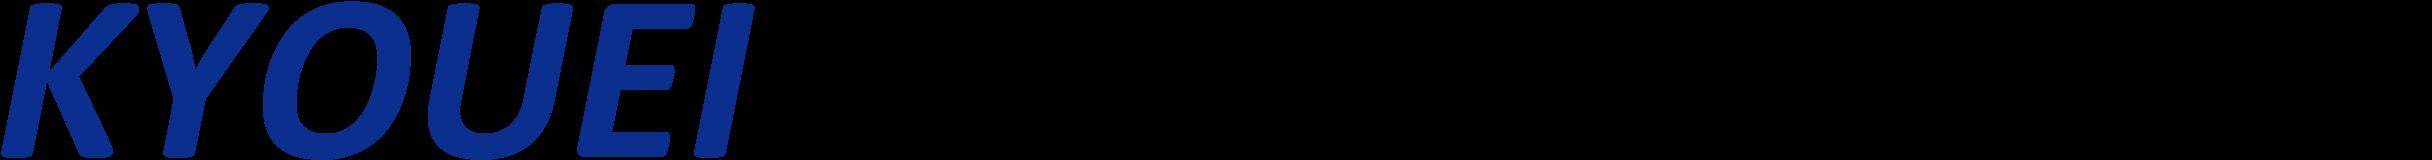 共栄プレス工業株式会社 |  岐阜県各務原市 【自動車部品プレス加工】